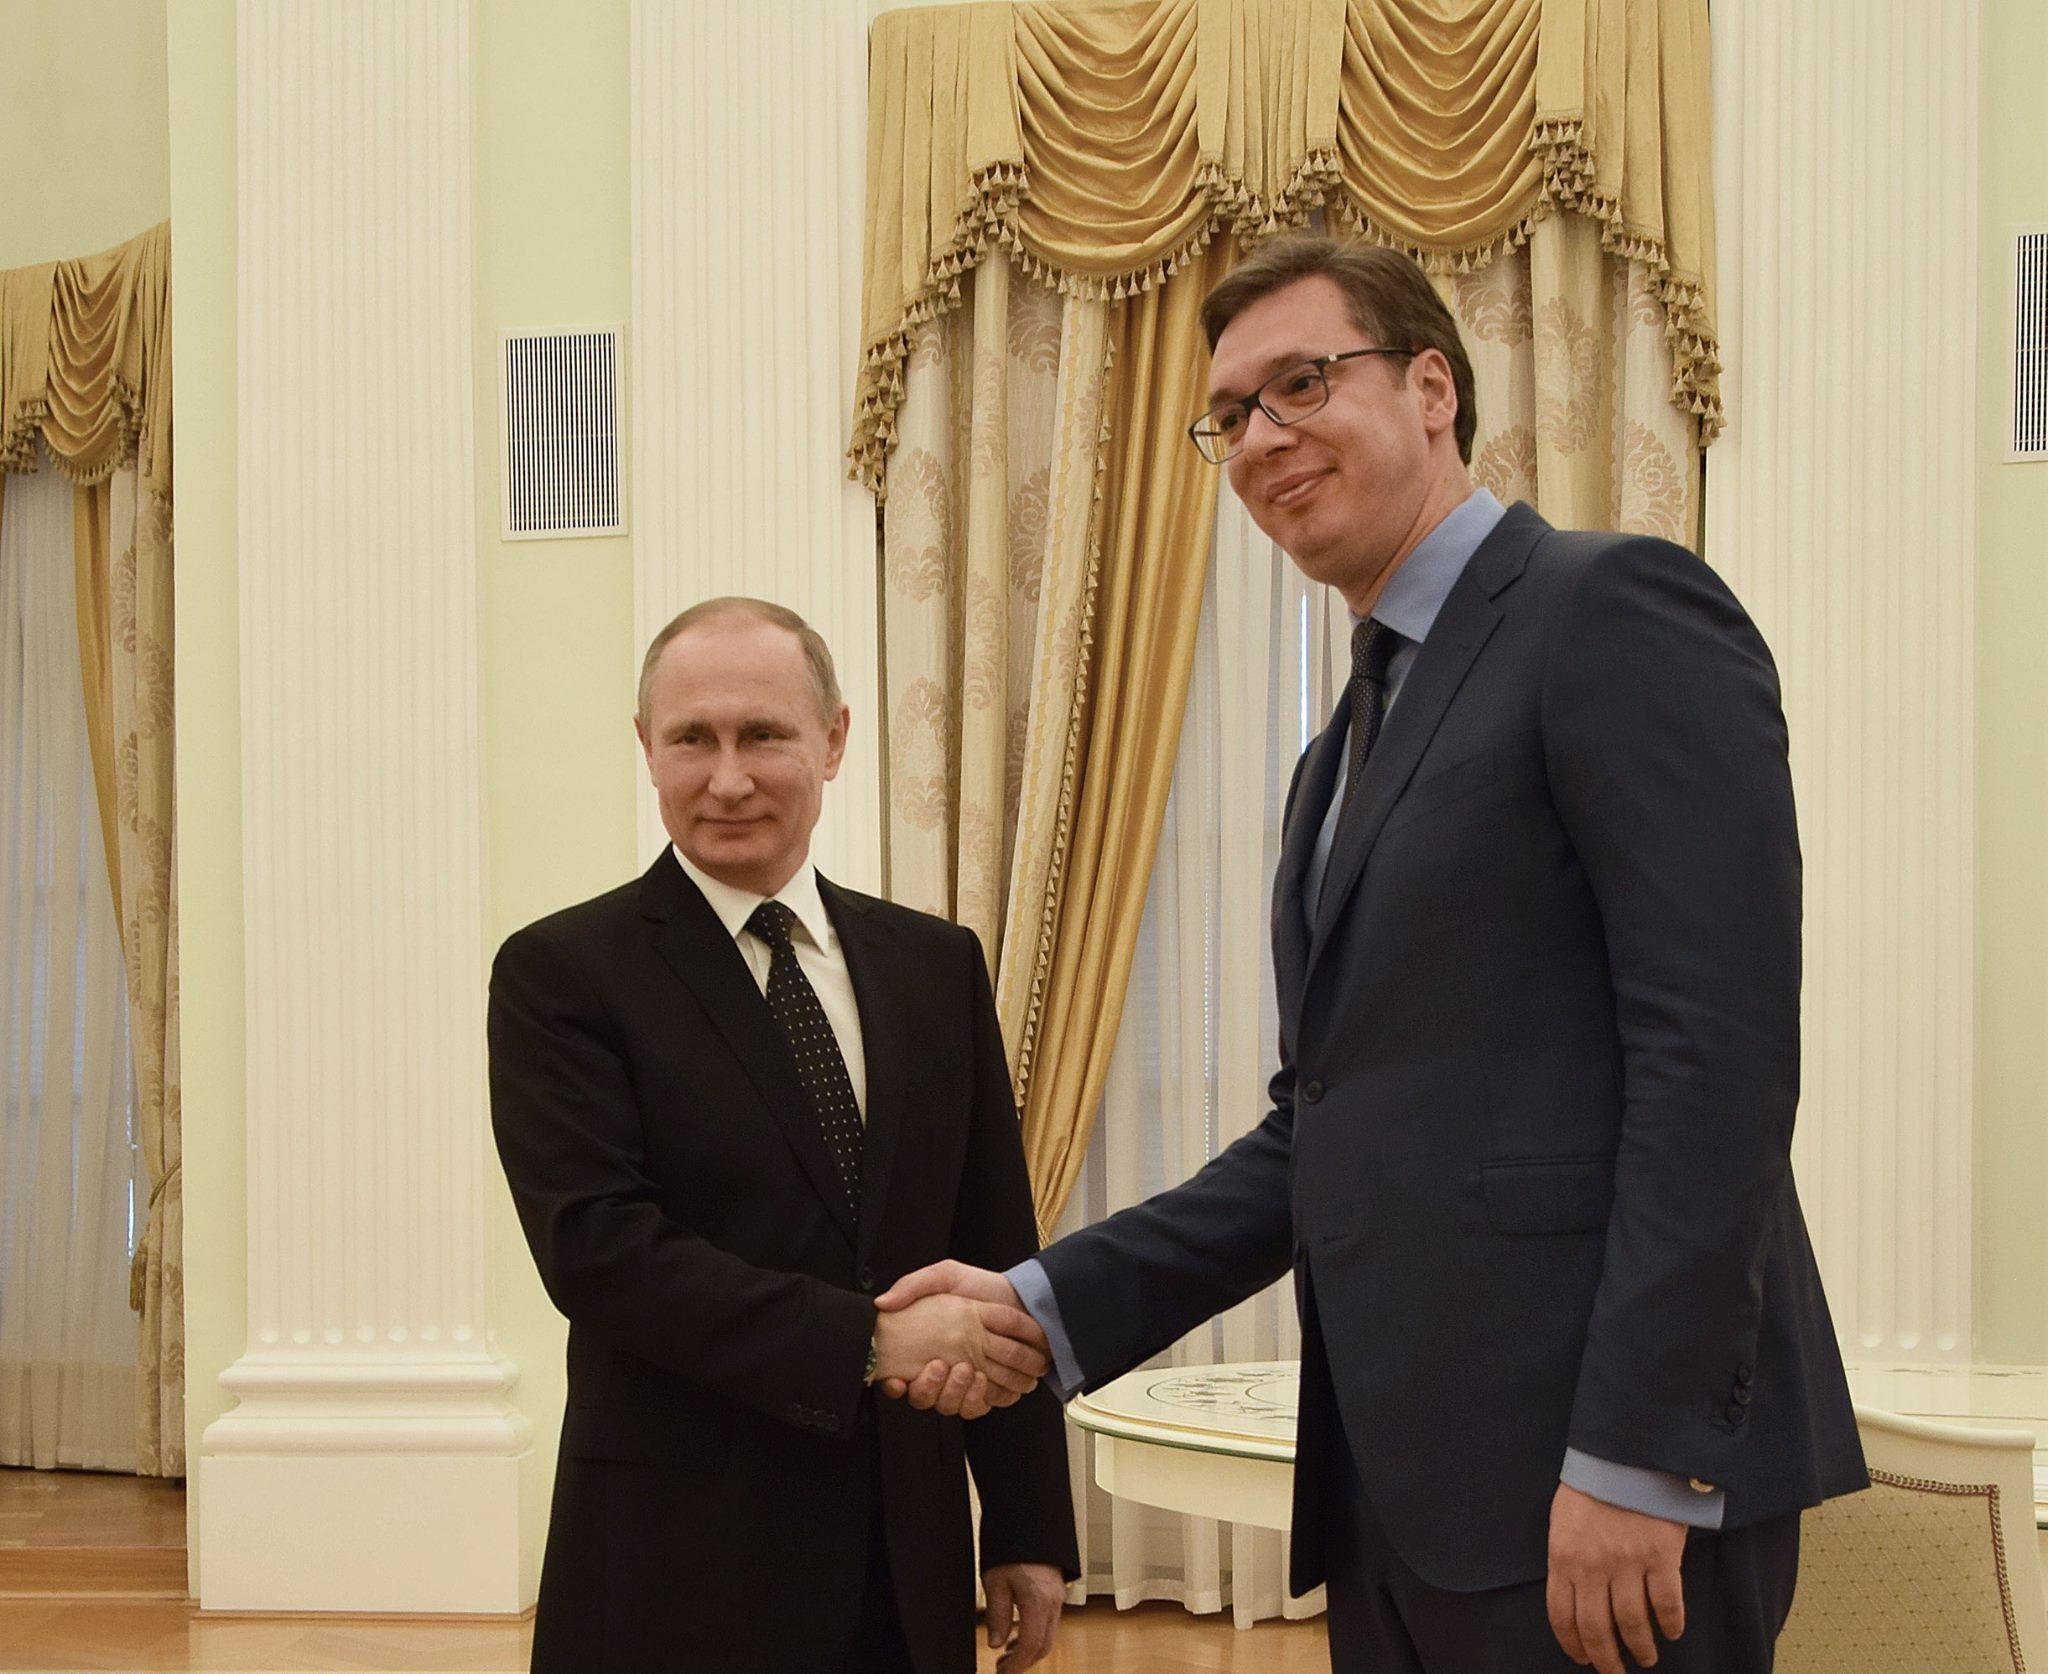 Η πλειοψηφία των πολιτικών κομμάτων υποστηρίζει την επίσκεψη του Putin στη Σερβία